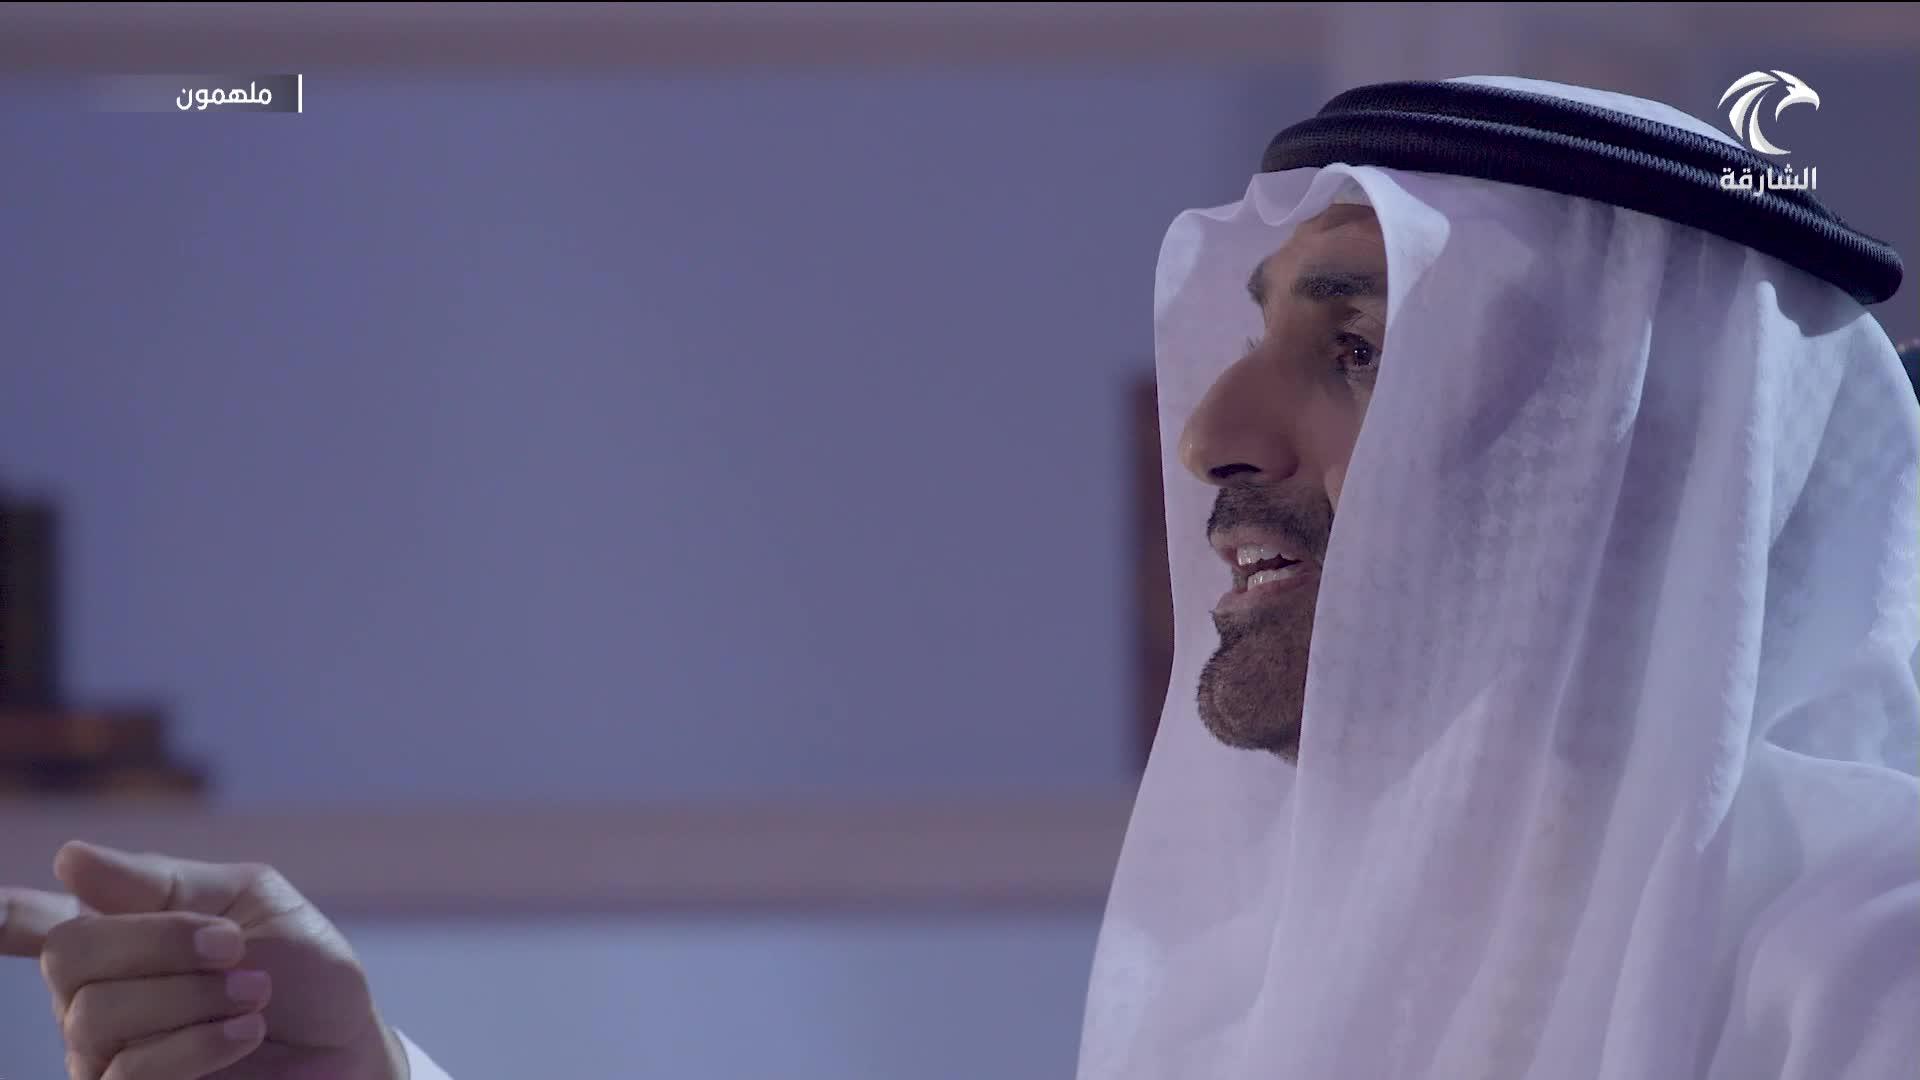 الشيخ الدكتور عبدالعزيز بن علي بن راشد النعيمي